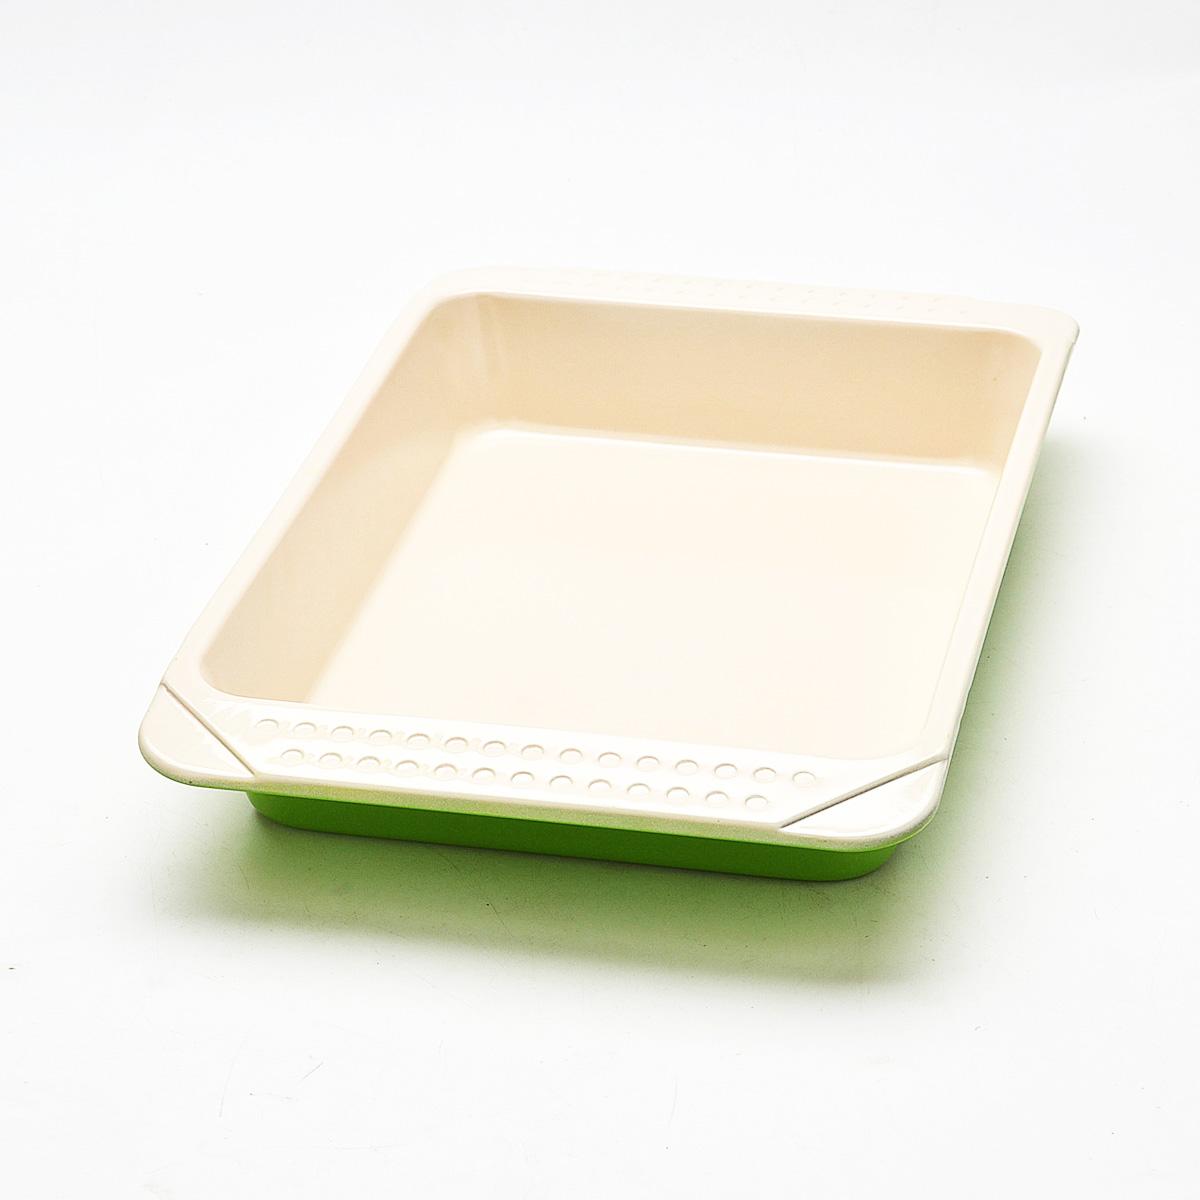 Противень Mayer & Boch, с керамическим покрытием, прямоугольный, цвет: зеленый, 41 см х 25 см х 6 см21997Противень Mayer & Boch изготовлен из высококачественной углеродистой стали с керамическим покрытием. Жаропрочное покрытие безопасно для человека, не содержит вредных примесей PFOA и PTFE. Простой в уходе и долговечный в использовании противень станет верным помощником в создании ваших кулинарных шедевров. Подходит для использования в духовом шкафу. Не подходит для СВЧ-печей. Не рекомендуется мыть в посудомоечной машине. Используйте только деревянные и пластиковые лопатки. Размер (с учетом ручек): 41 см х 27 см х 4,7 см. Размер (по внутреннему краю): 33 см х 23 см х 5,5 см. Высота стенок: 5,5 см.